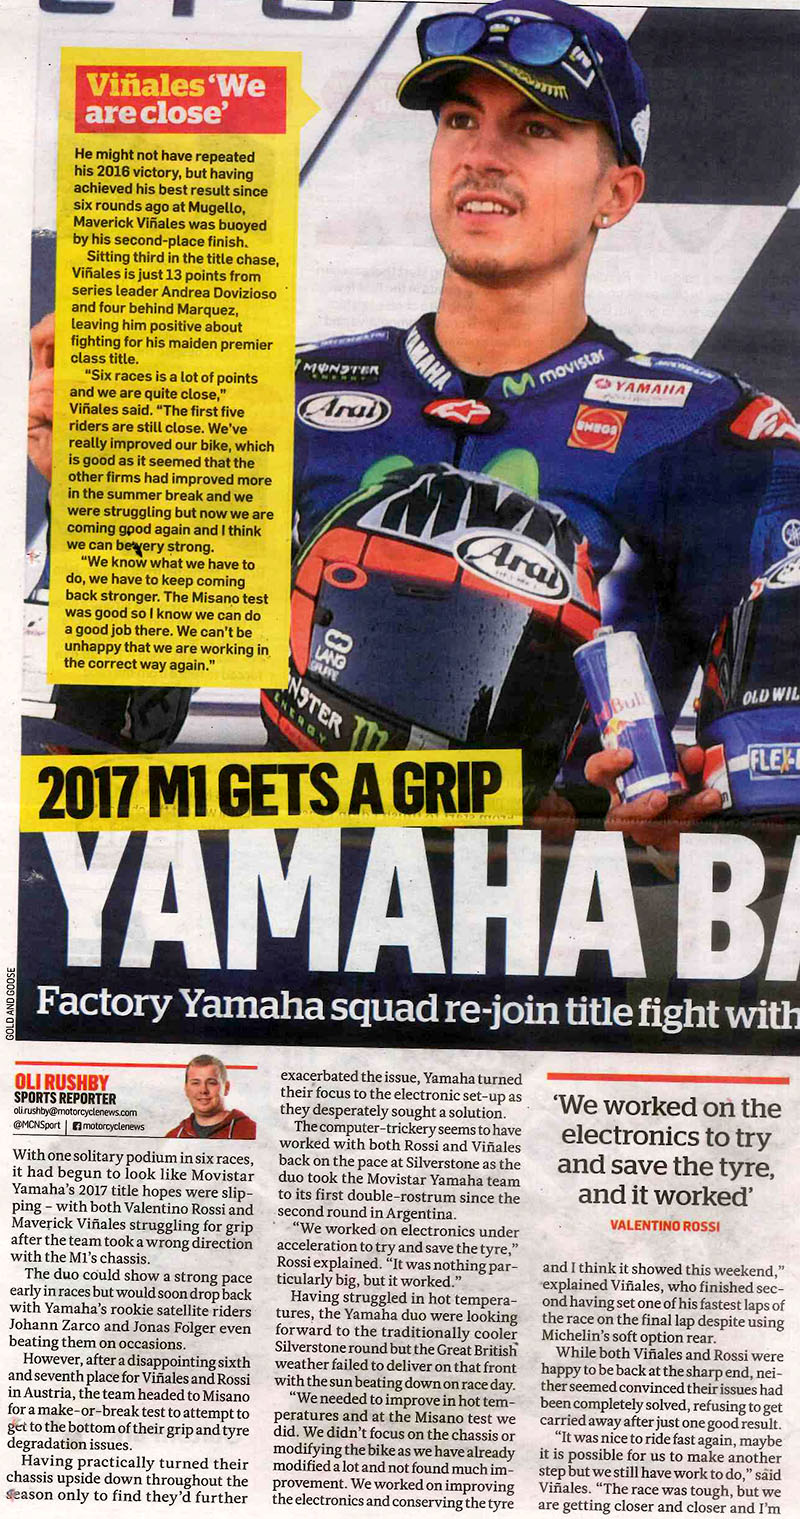 Yamaha back on form